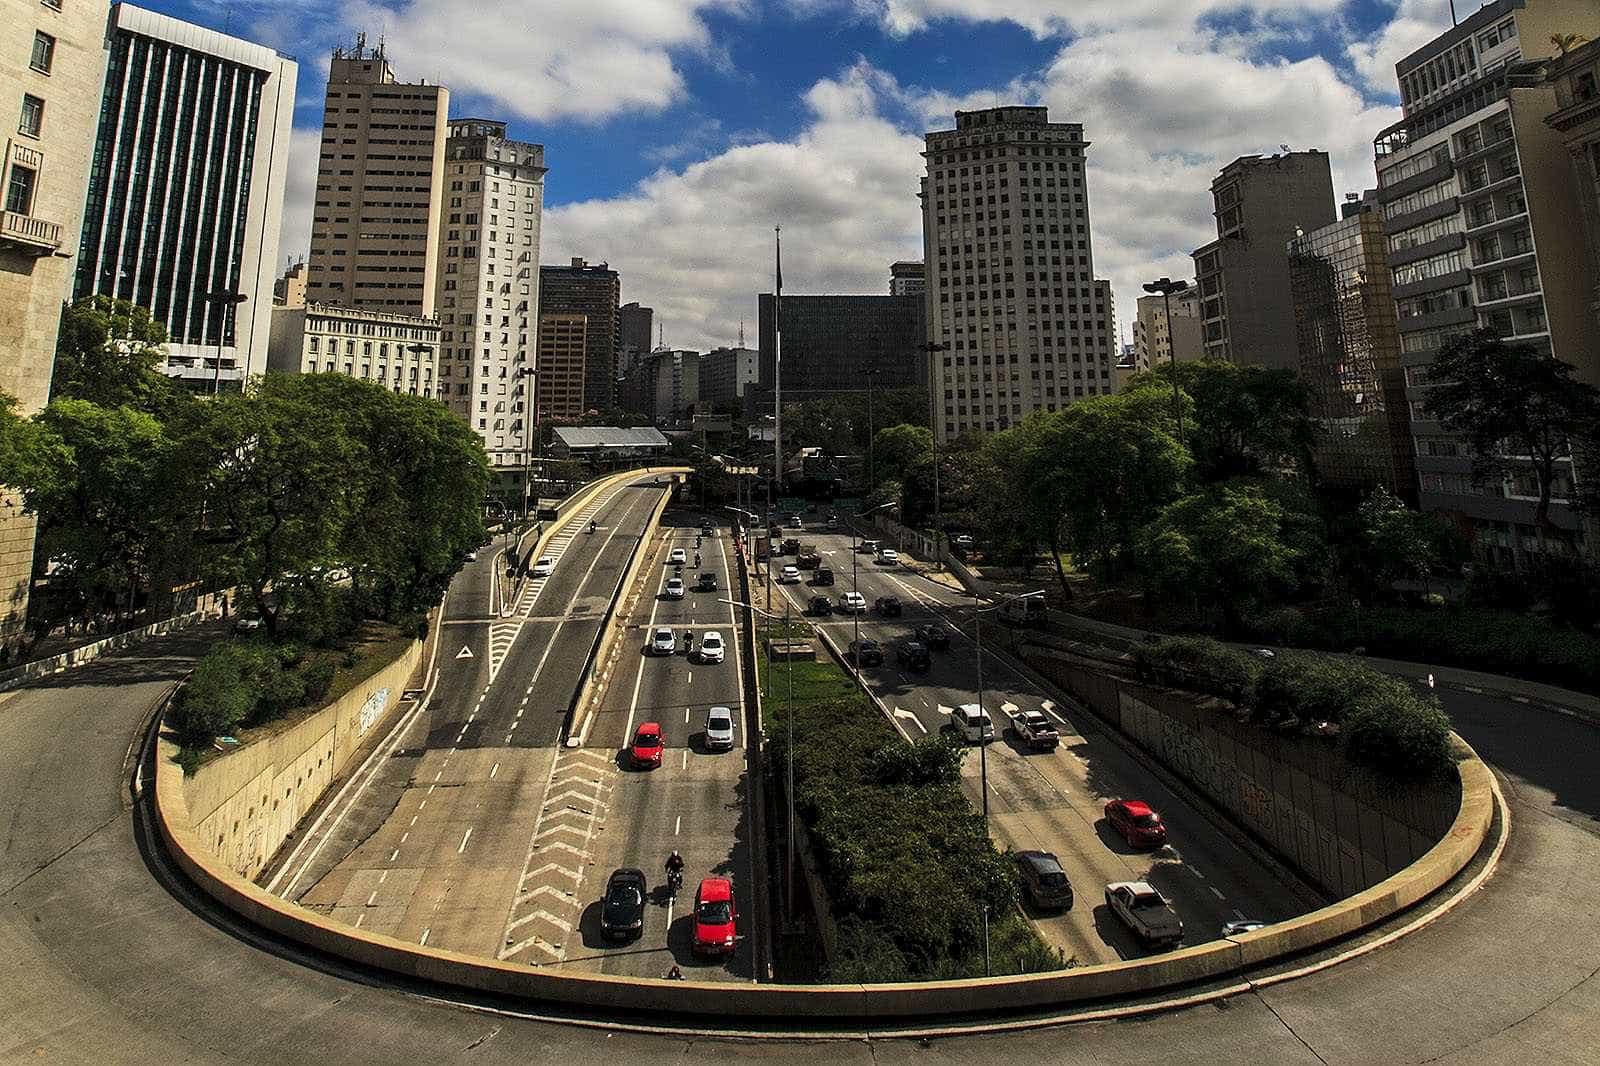 14 de 16 viadutos em SP precisam ser interditados, diz Promotoria